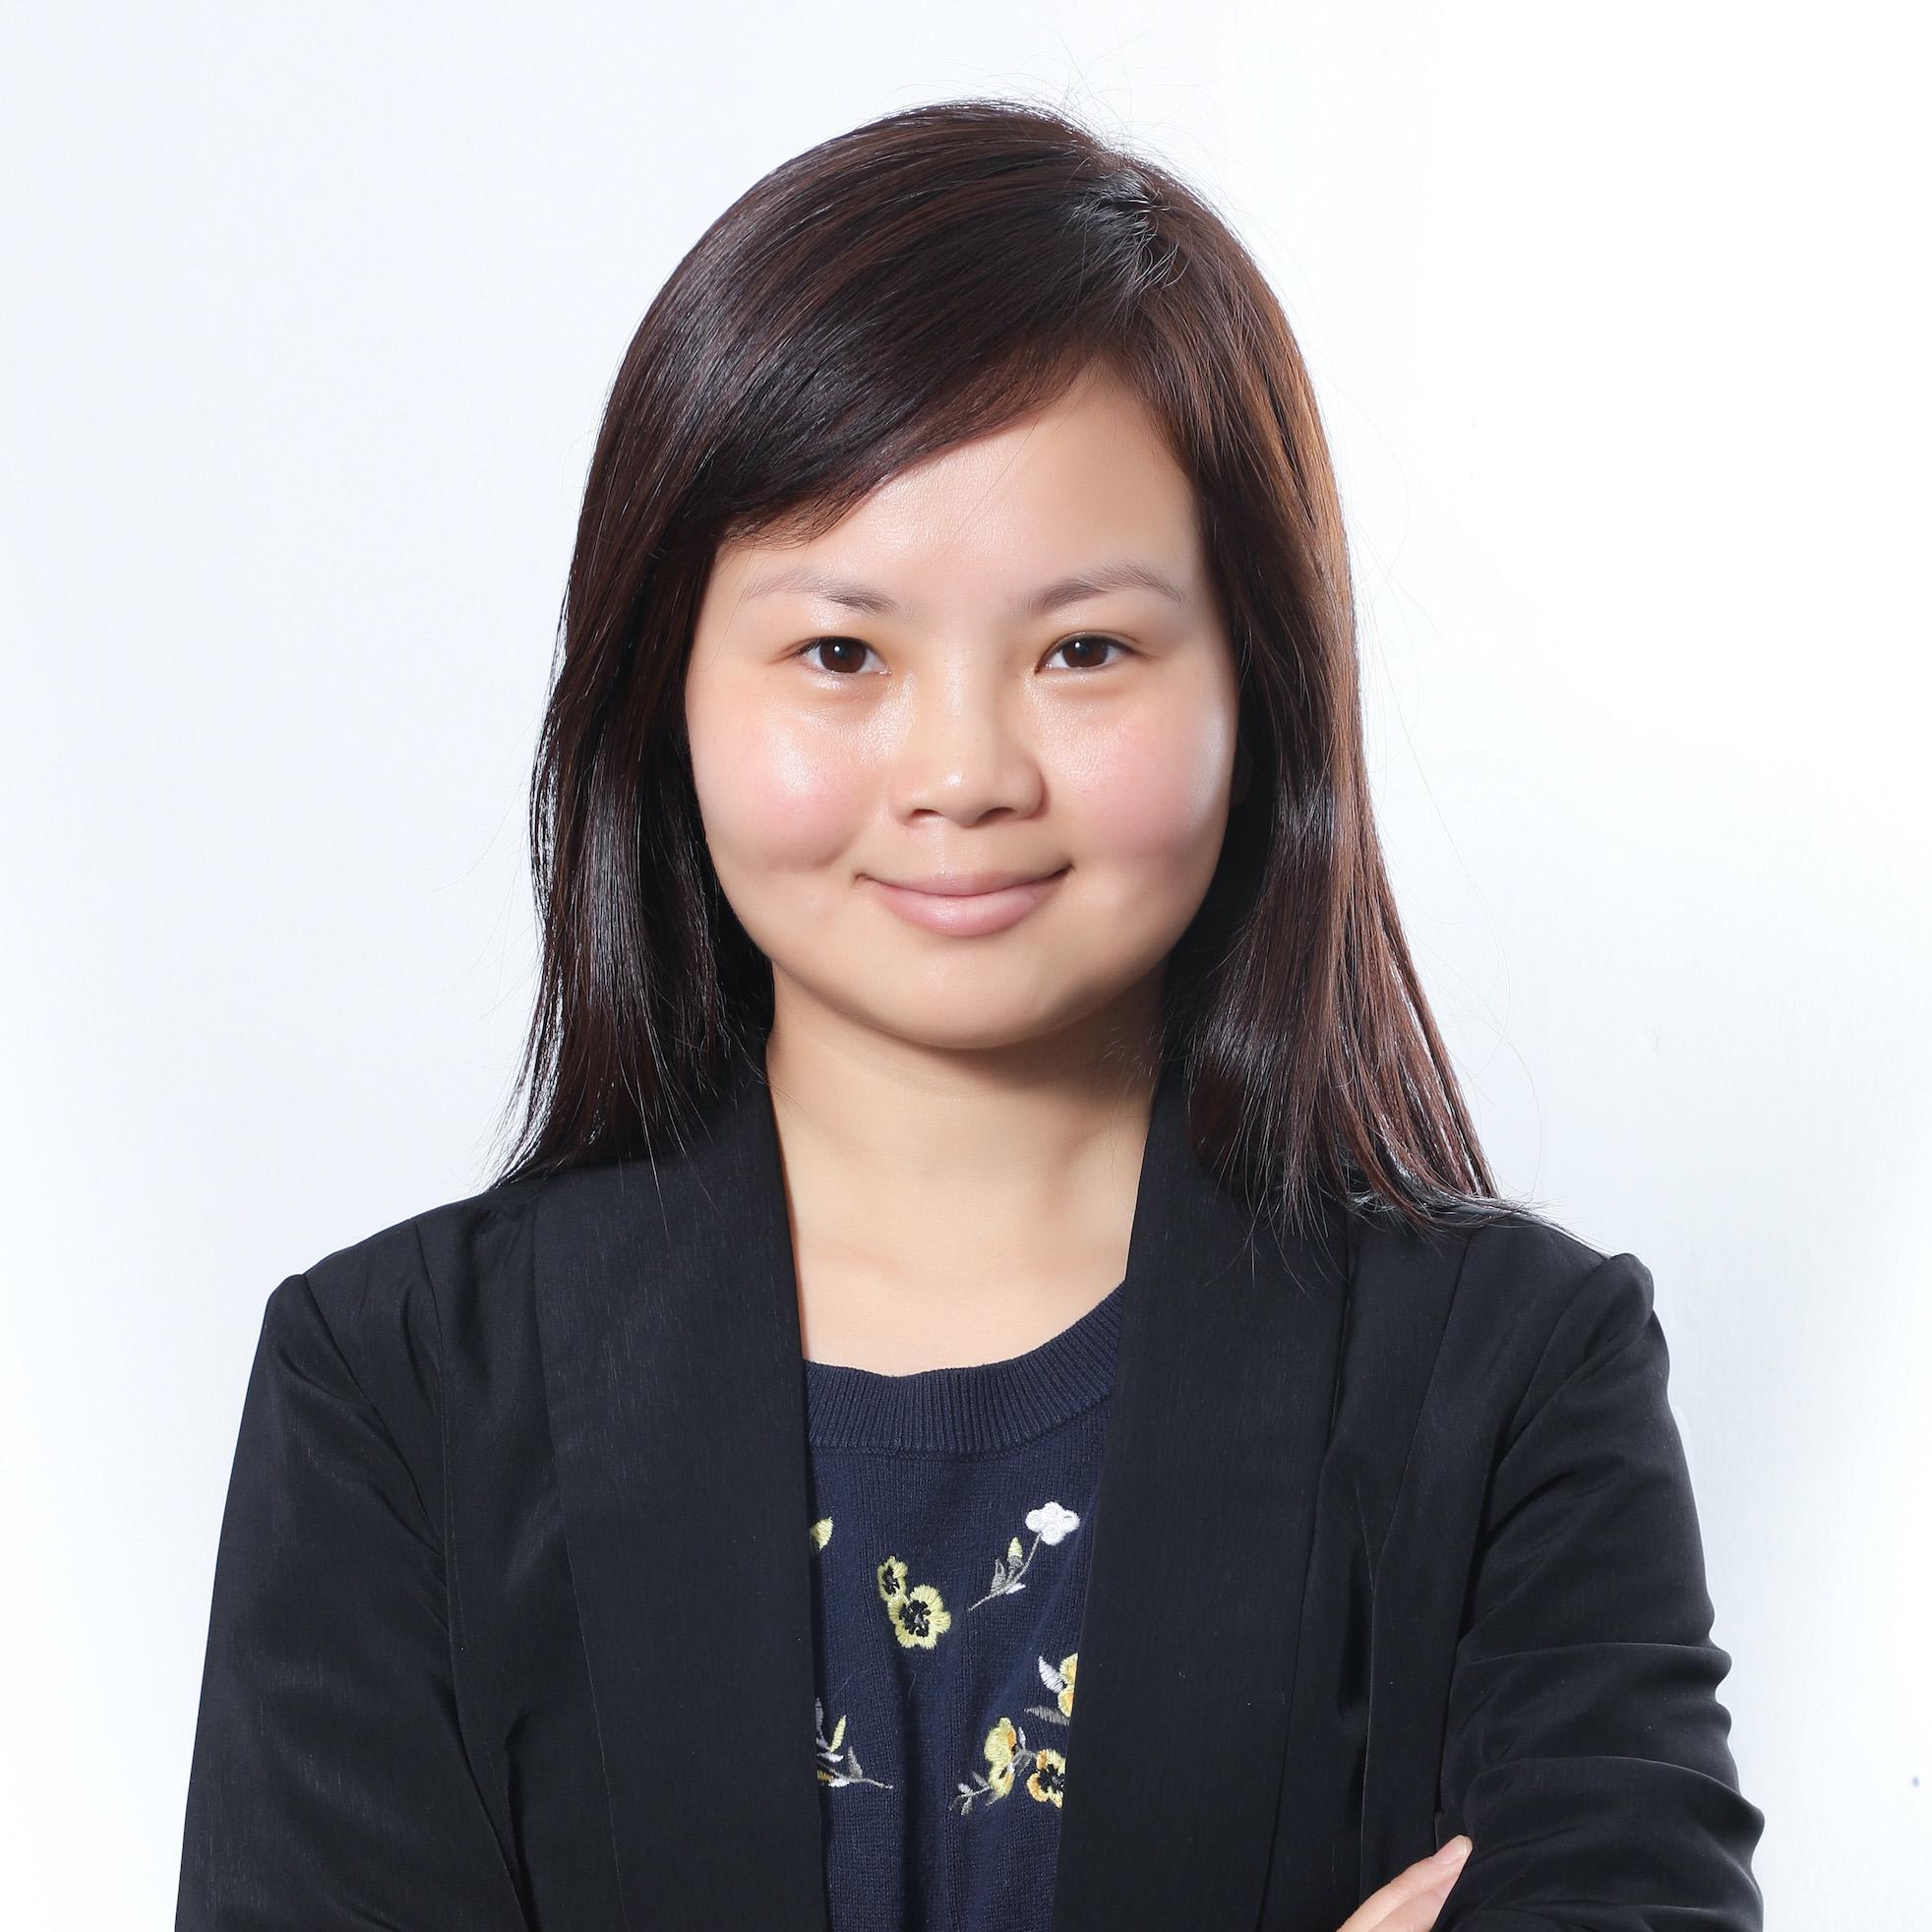 Ting Yan